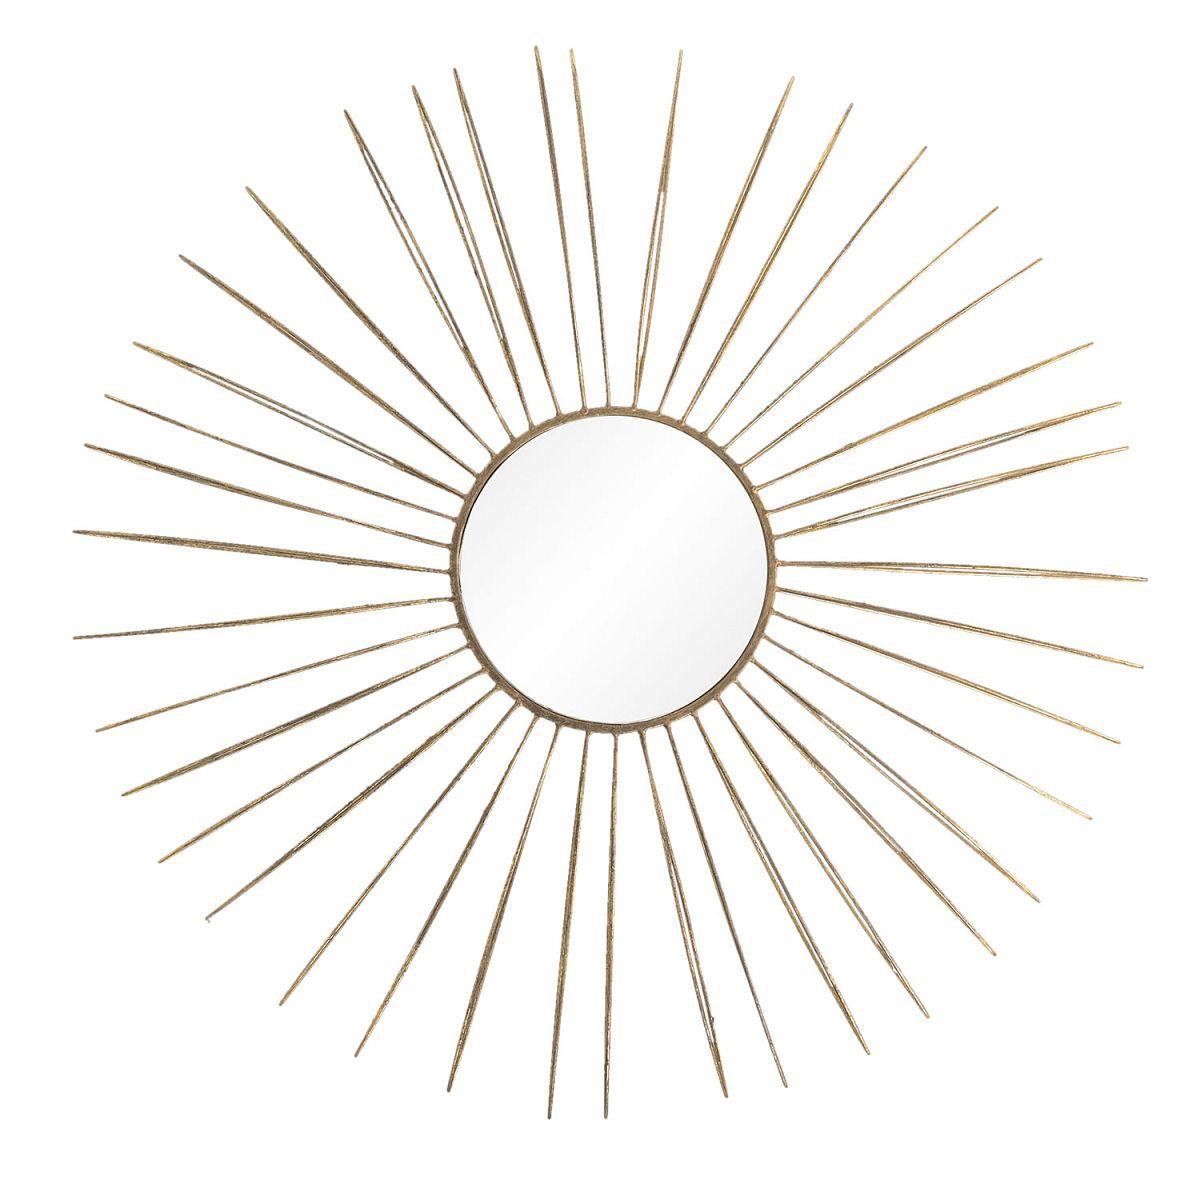 Nástěnná dekorace slunce